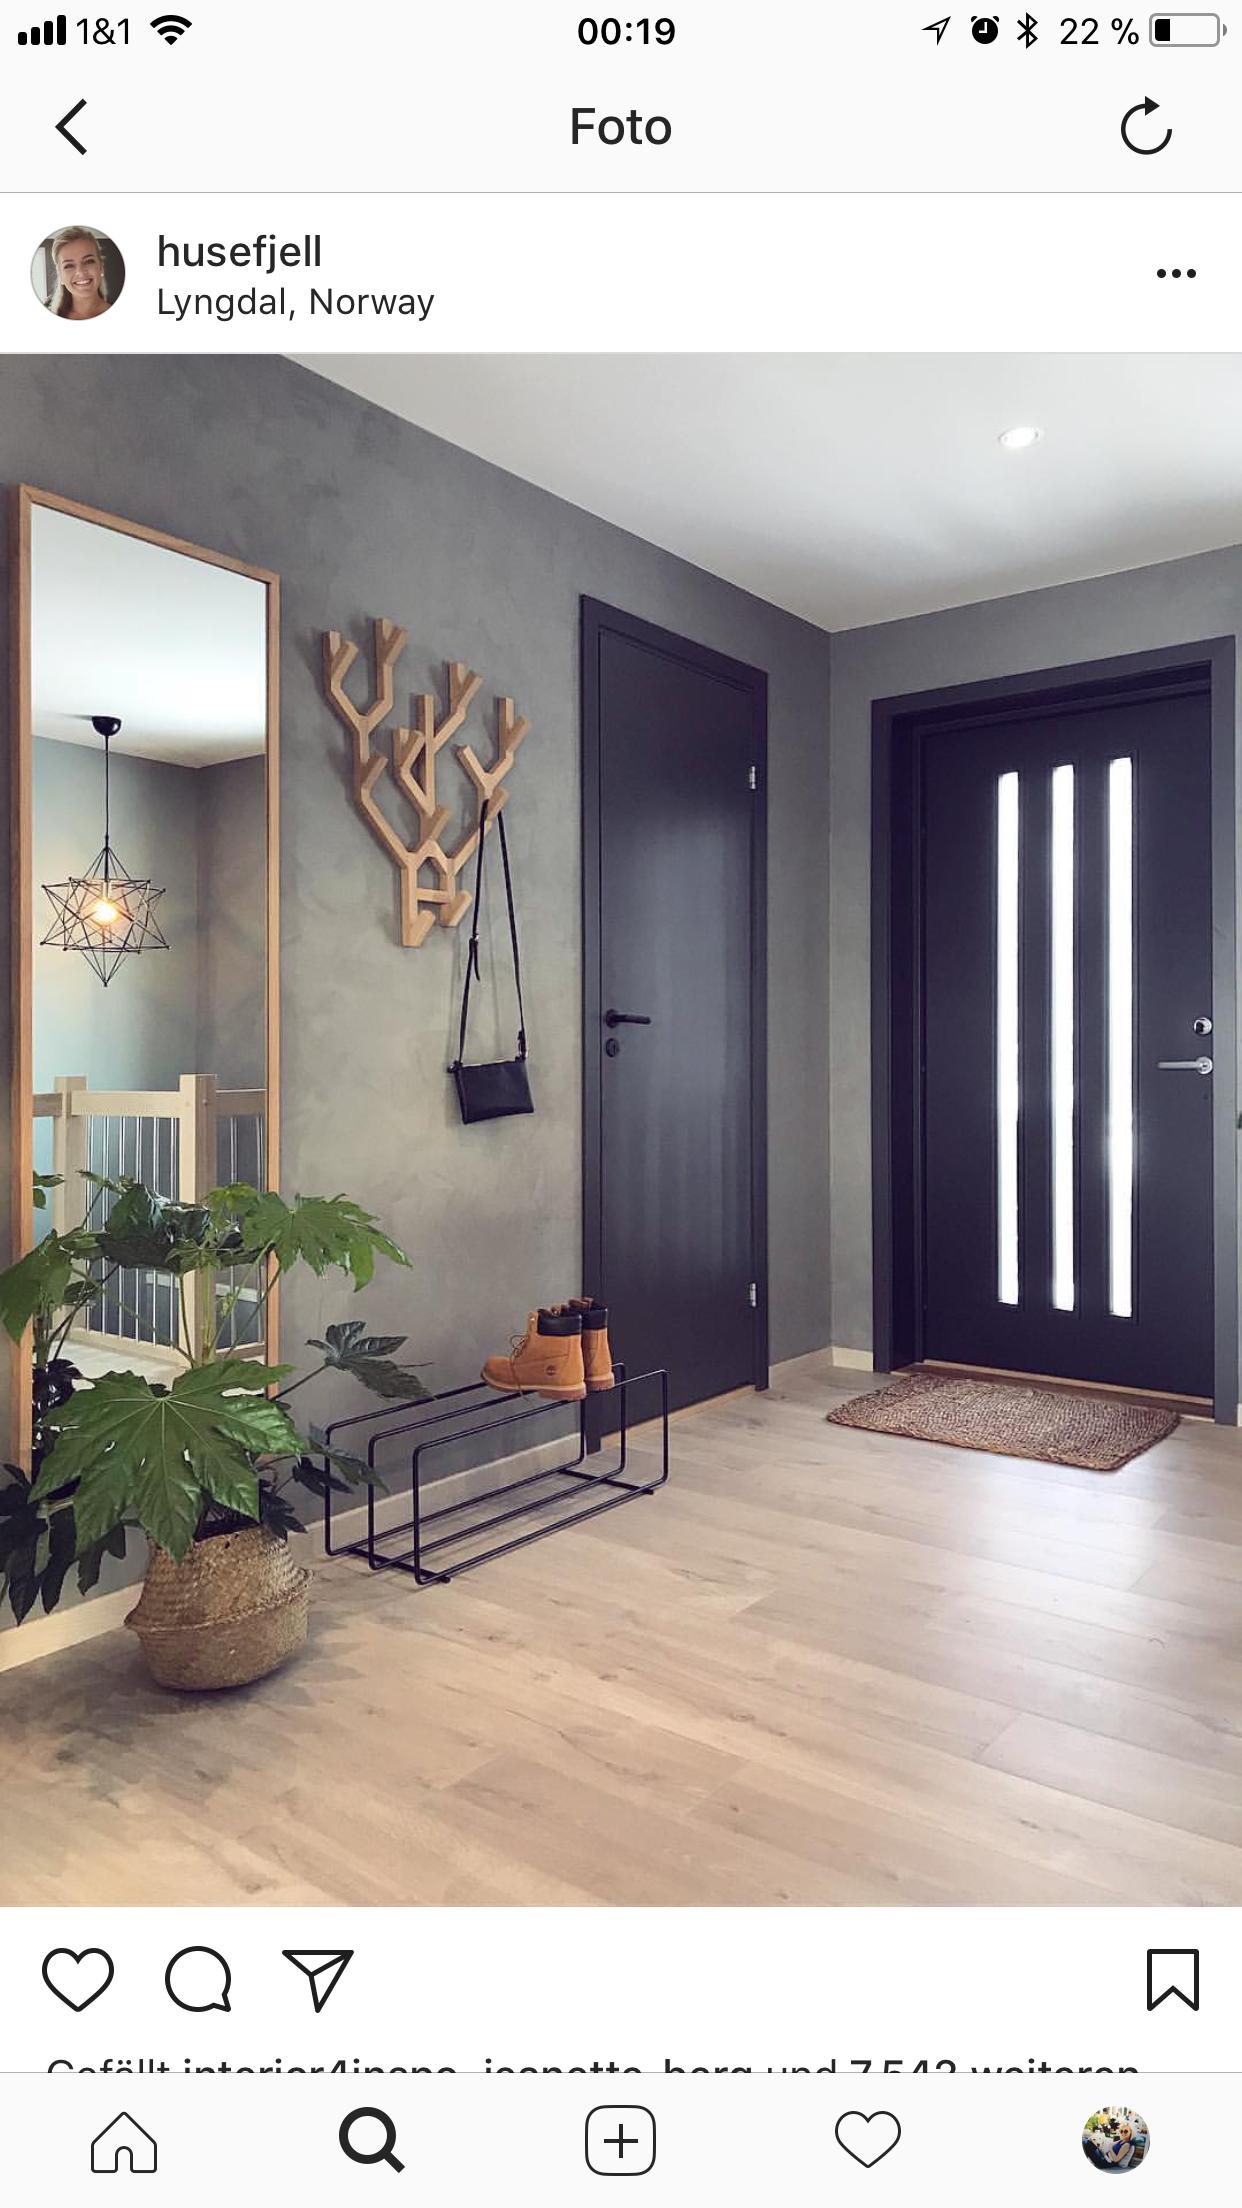 Pin von Itzel Diaz auf Decor ideas in 2019 | Decoration interieur ...